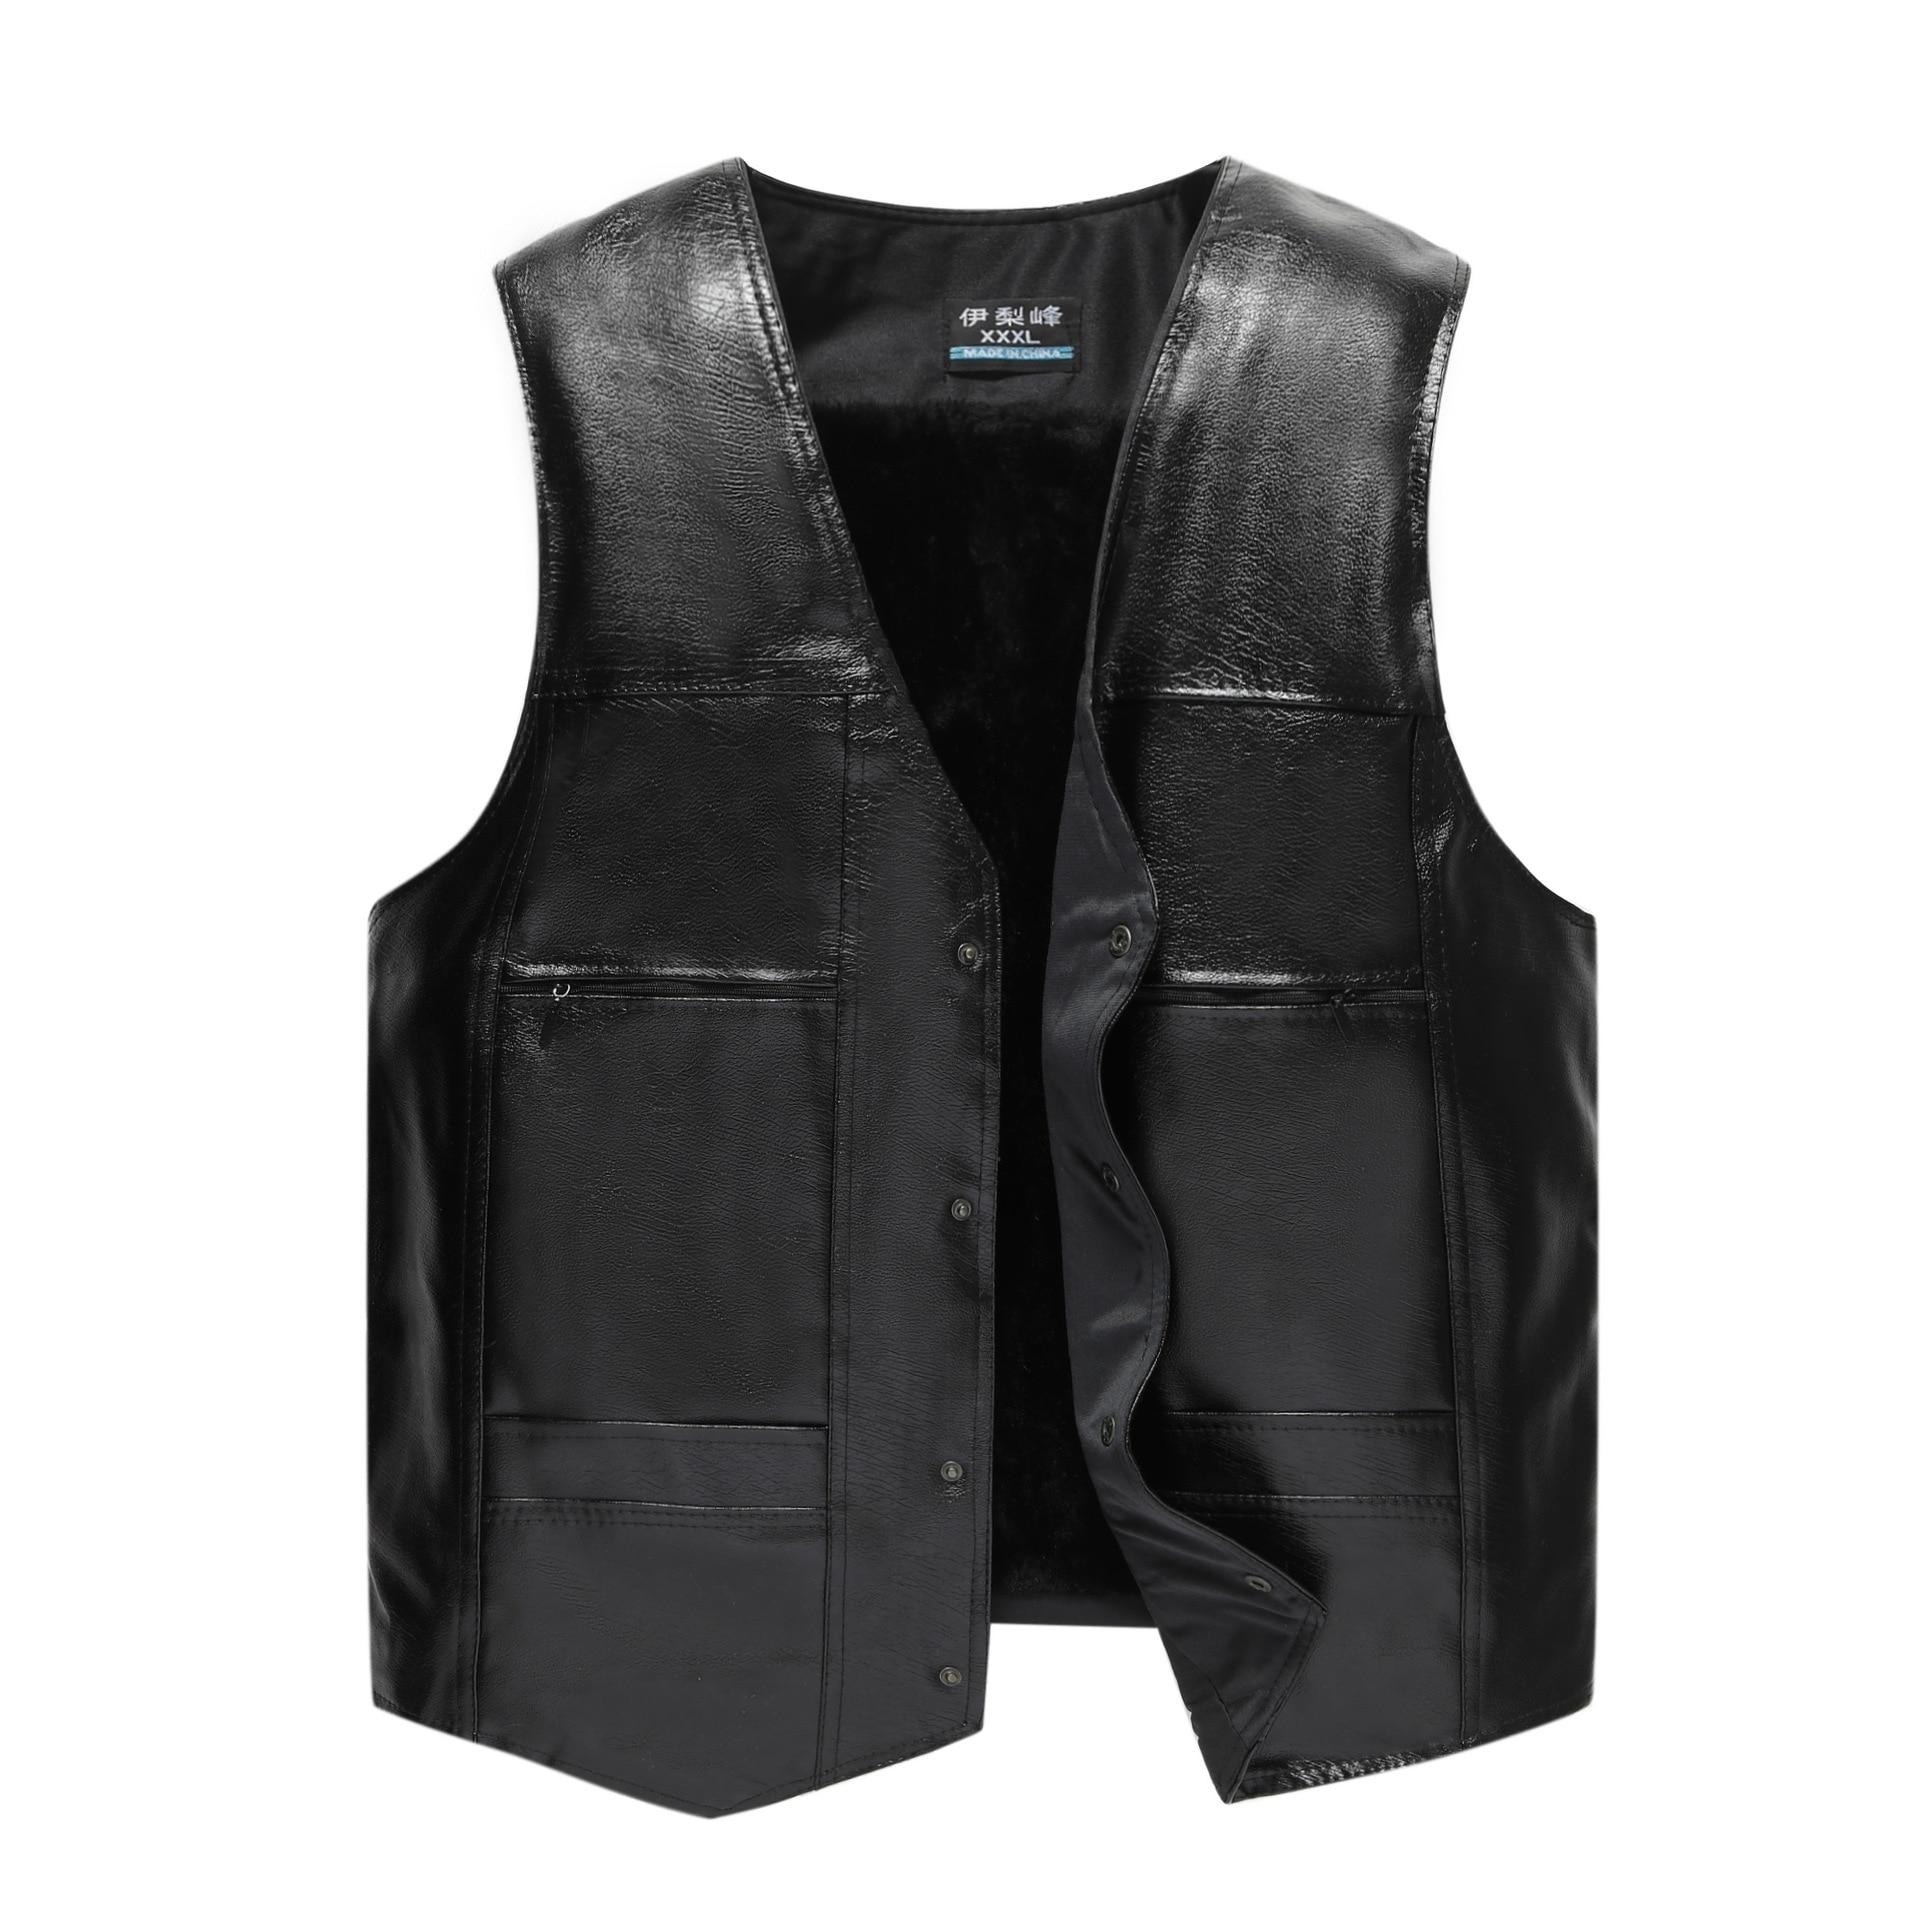 HOO 2020 More Men's PU Leather Vest Fashion V-neck Warm Vest